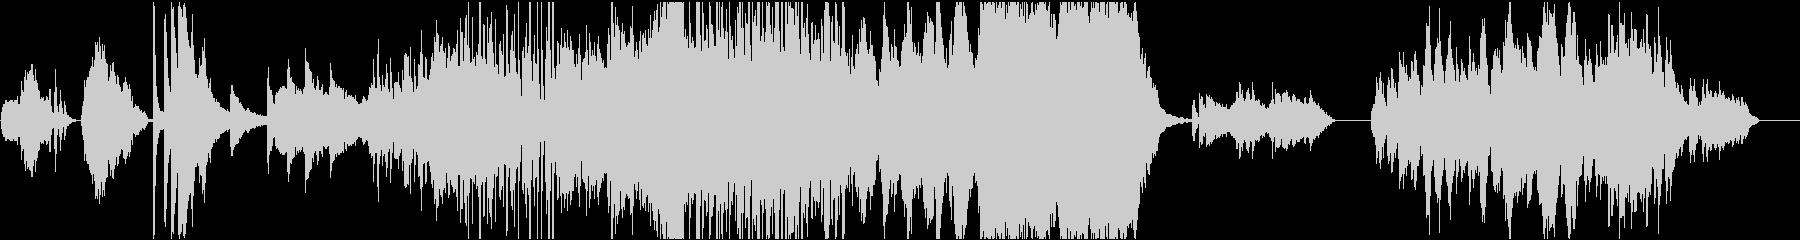 大自然生き物の様子 フルオケの未再生の波形